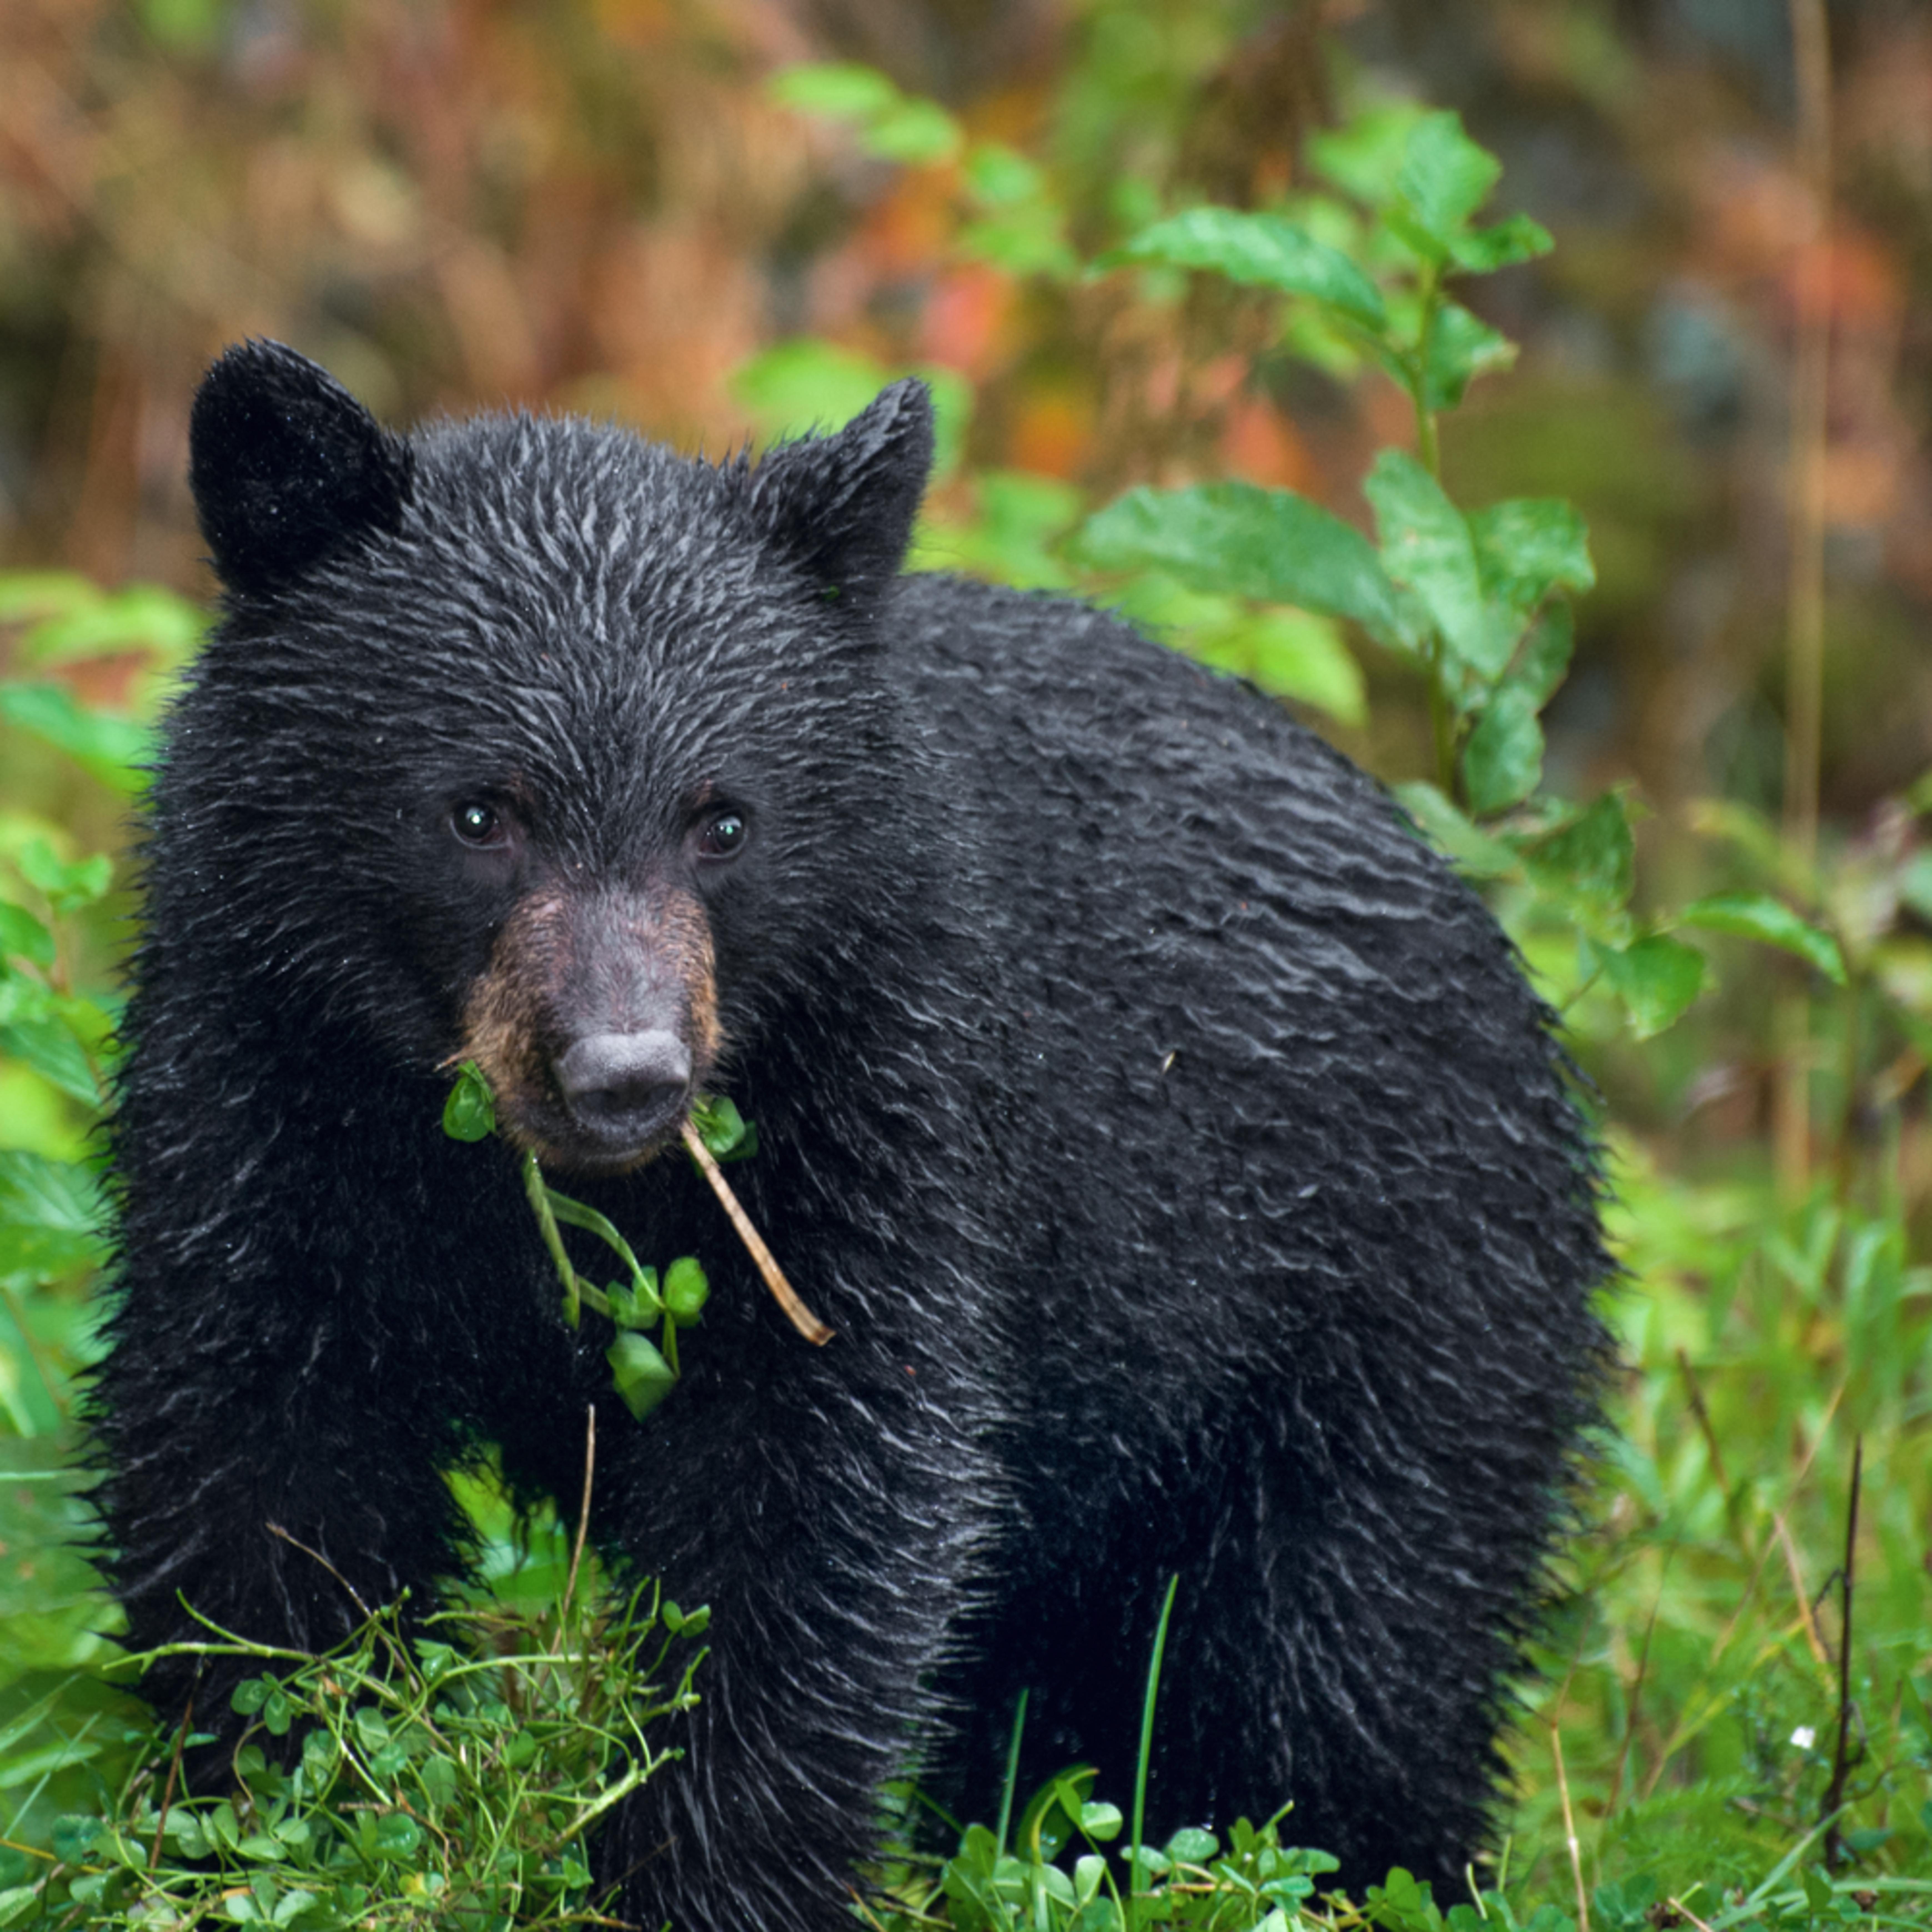 Dsc 5025 black bear cub 29x23 w39yow